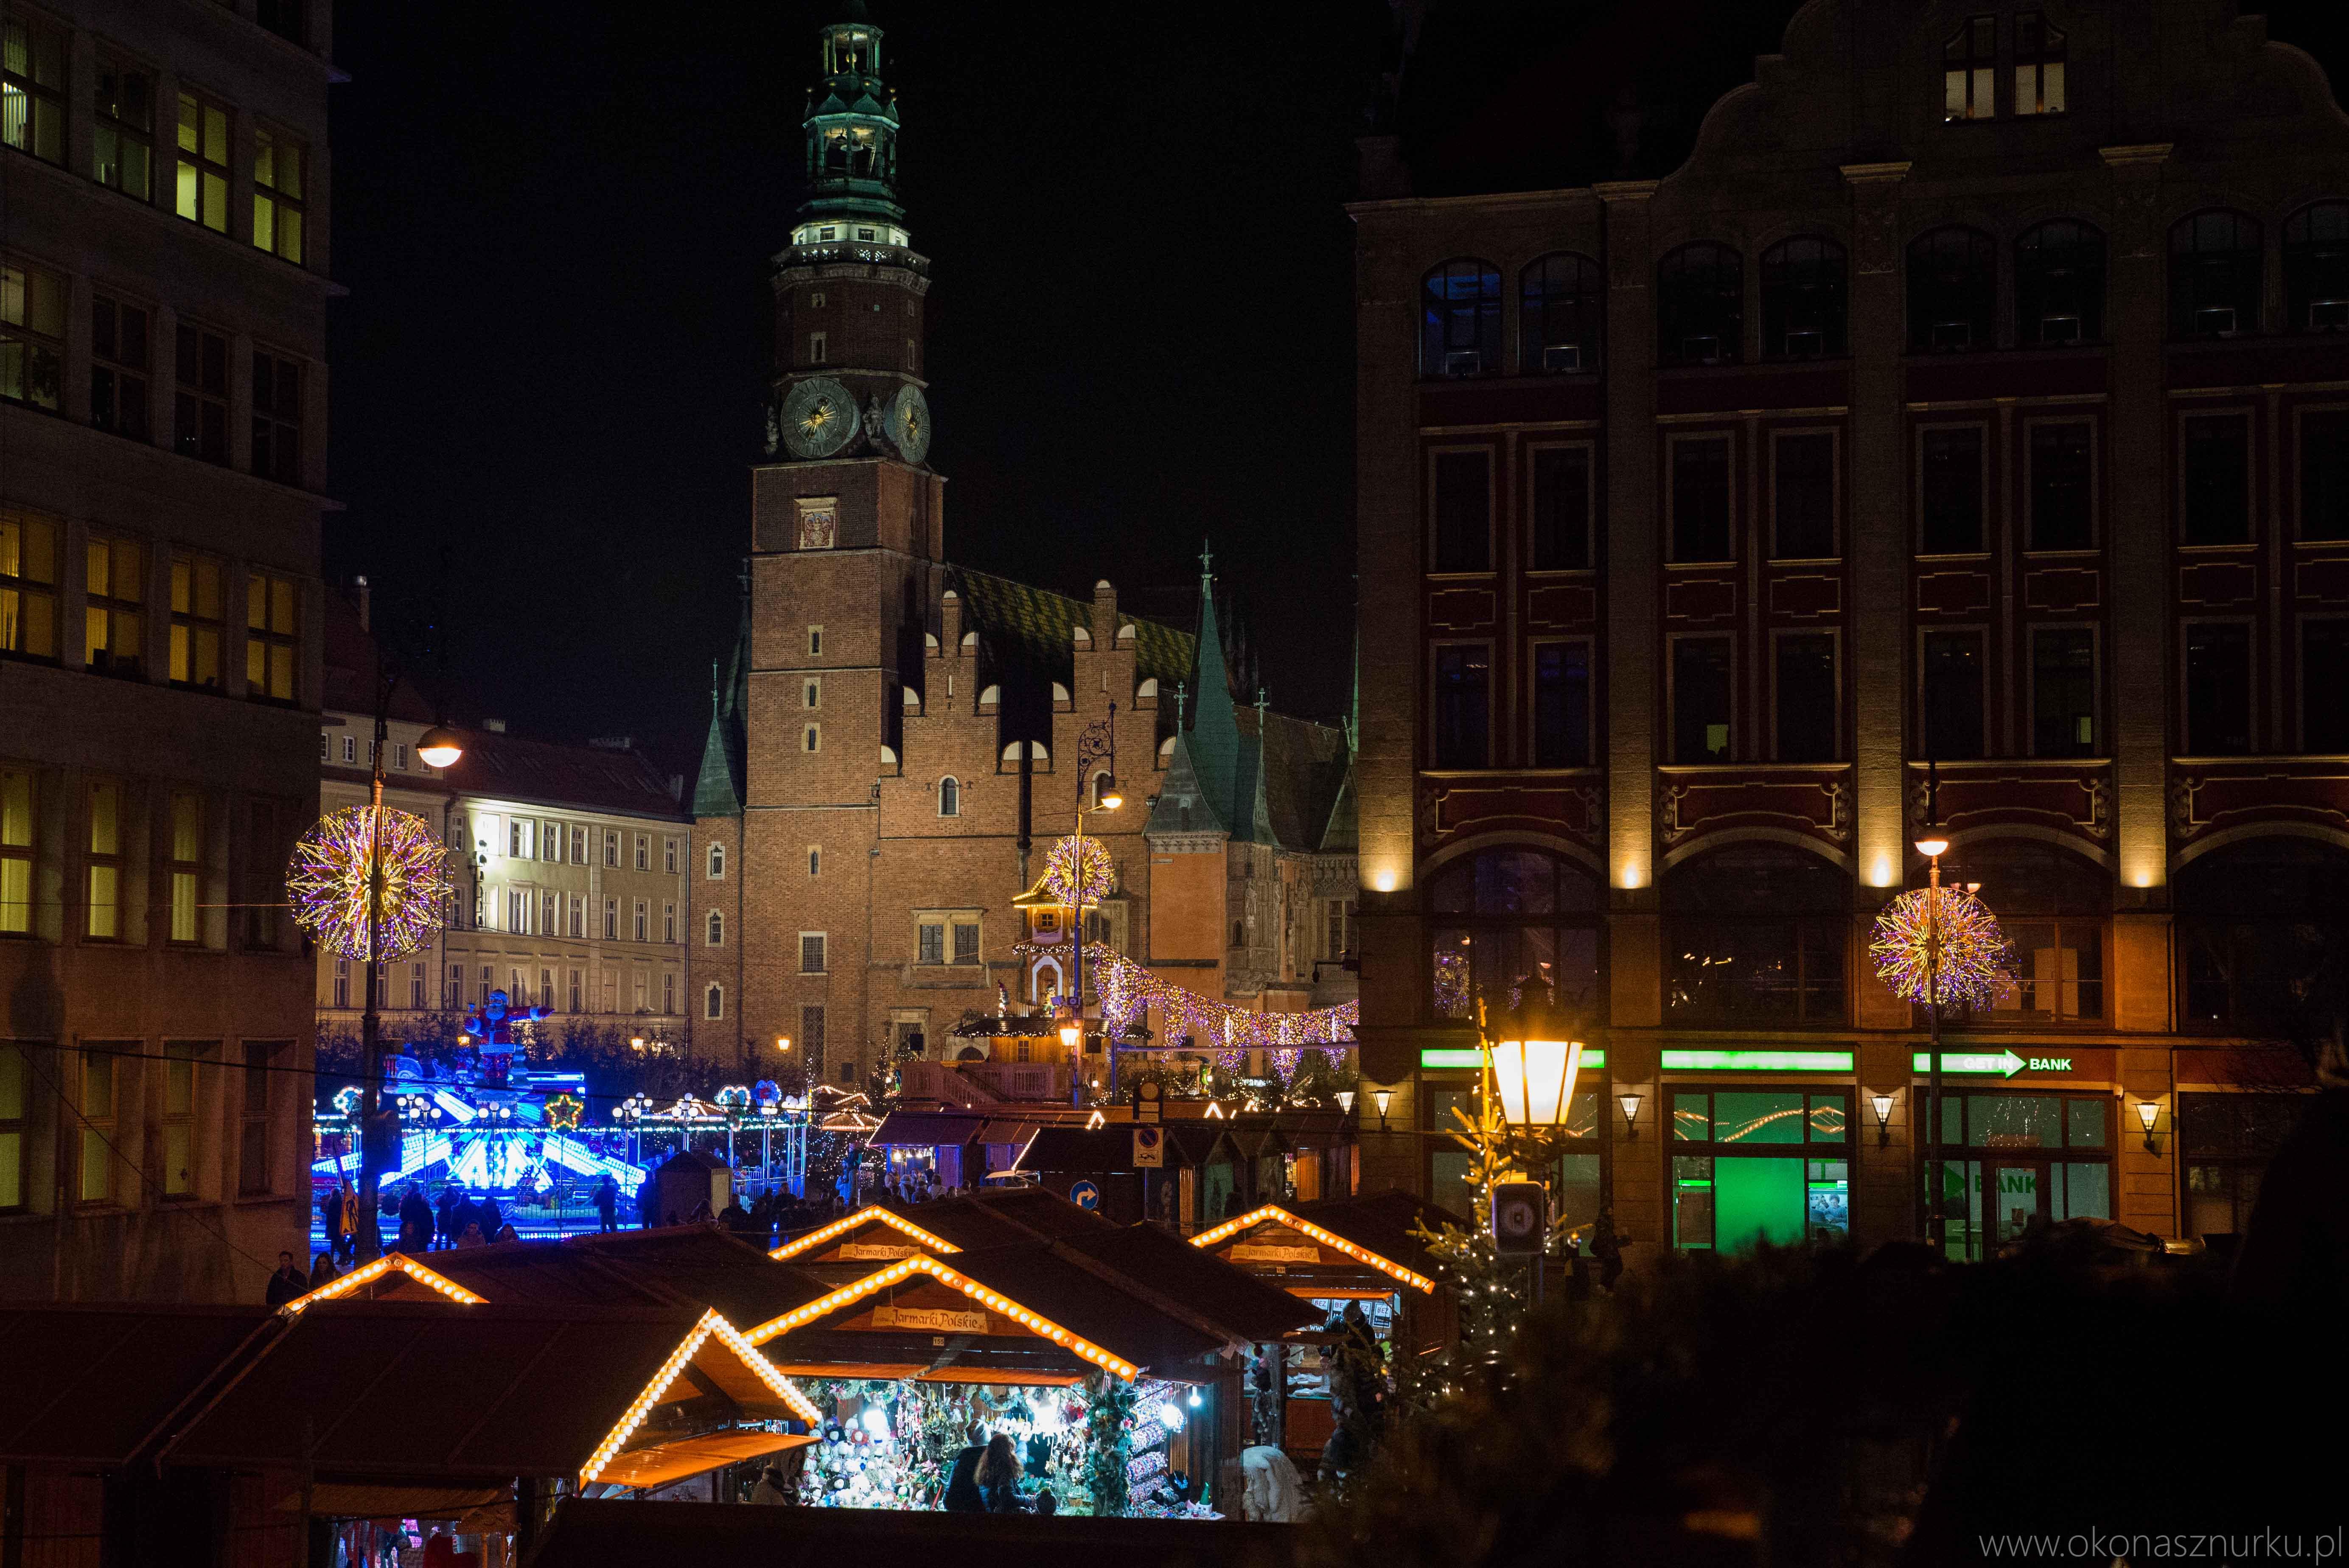 jarmark-bozonarodzeniowy-christmas-market-wroclaw (7)